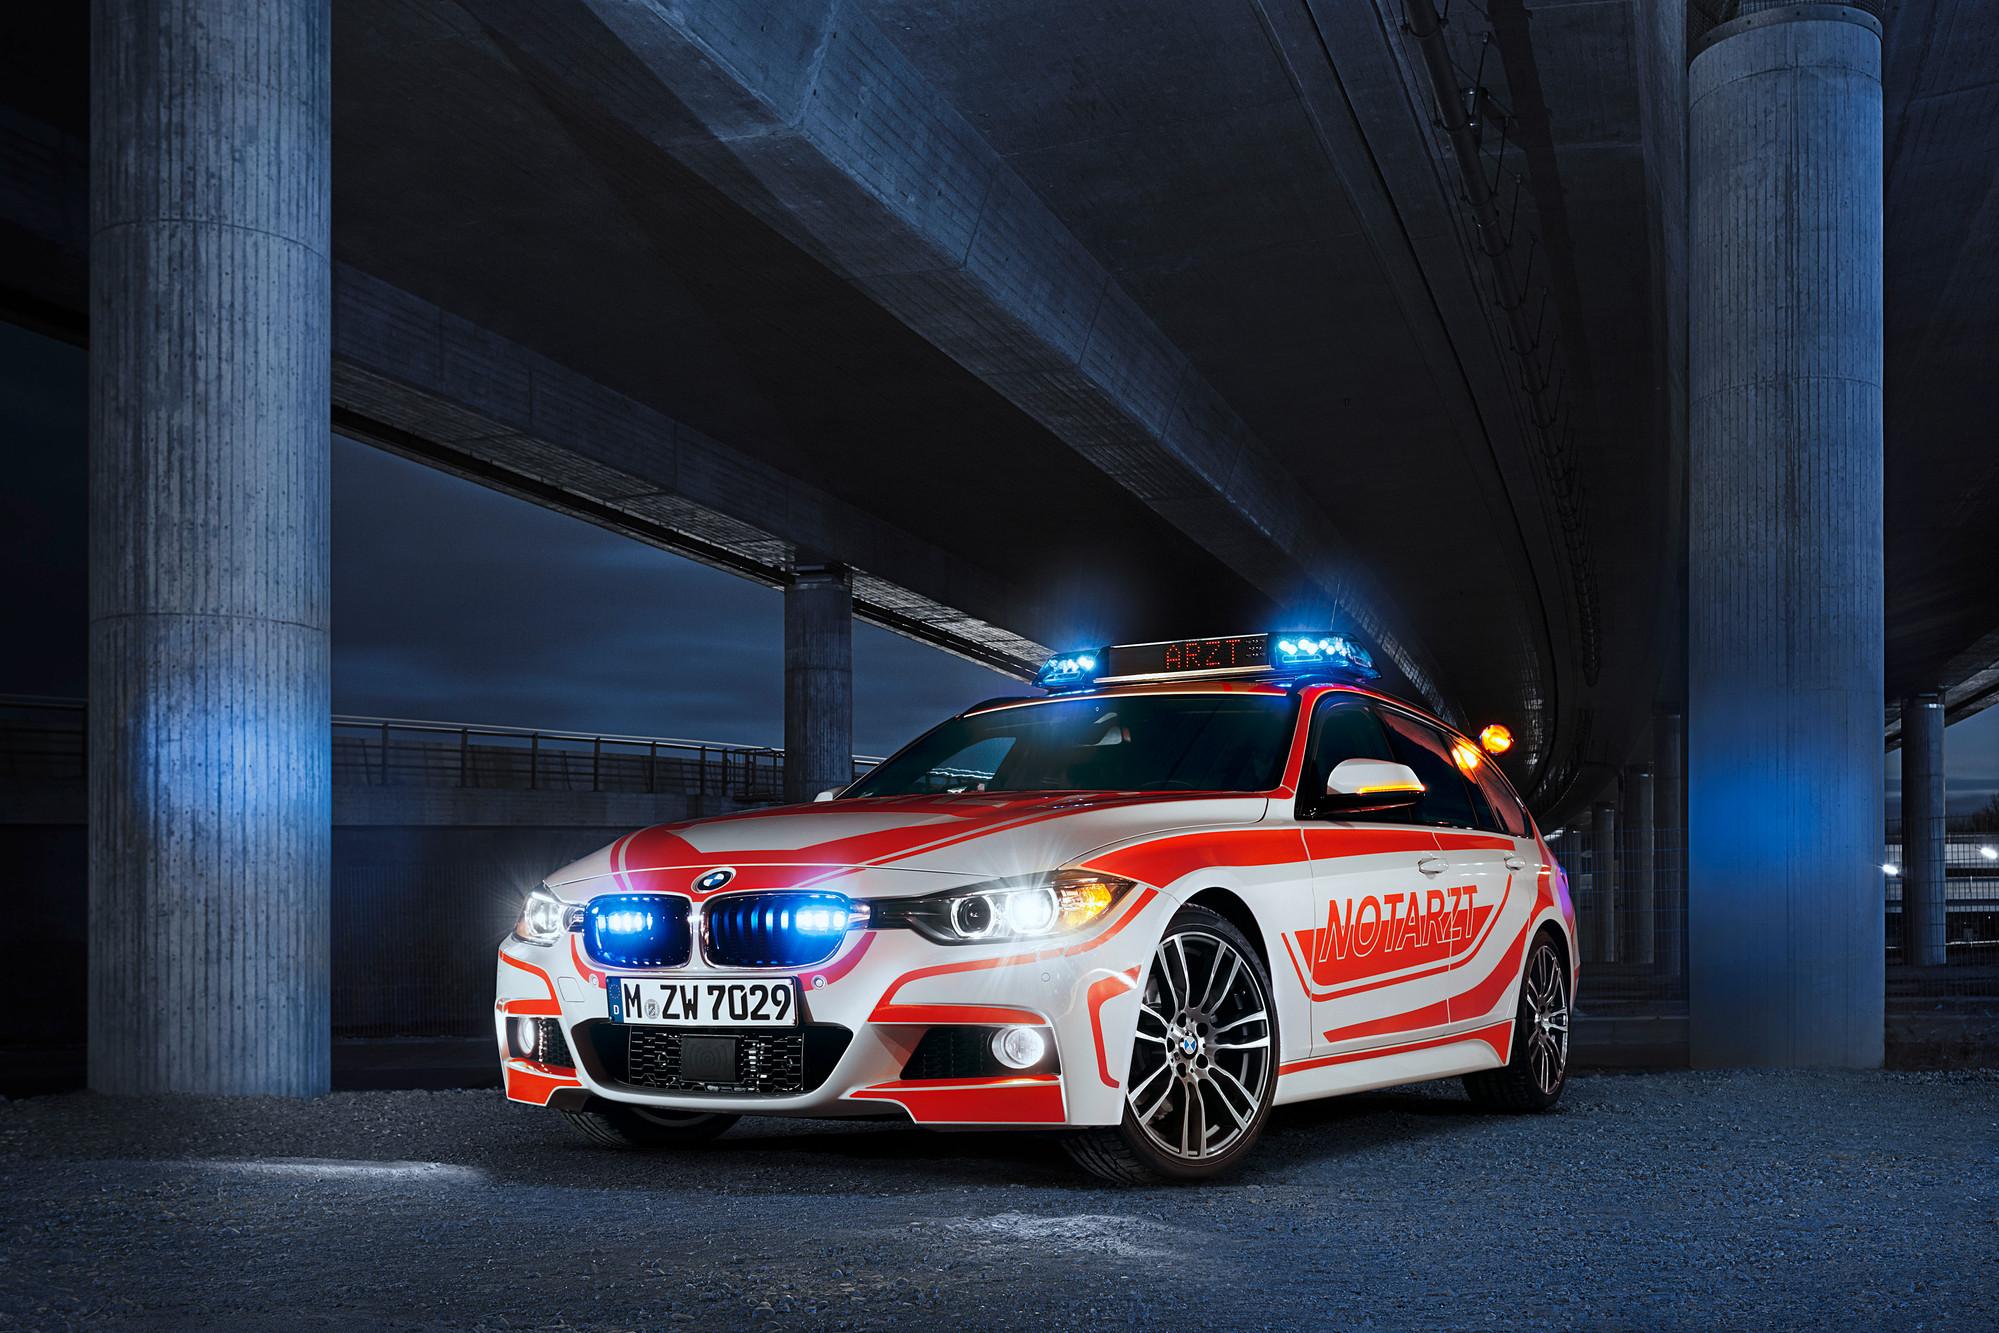 BMW Fehlercodes - F30 Codierungen